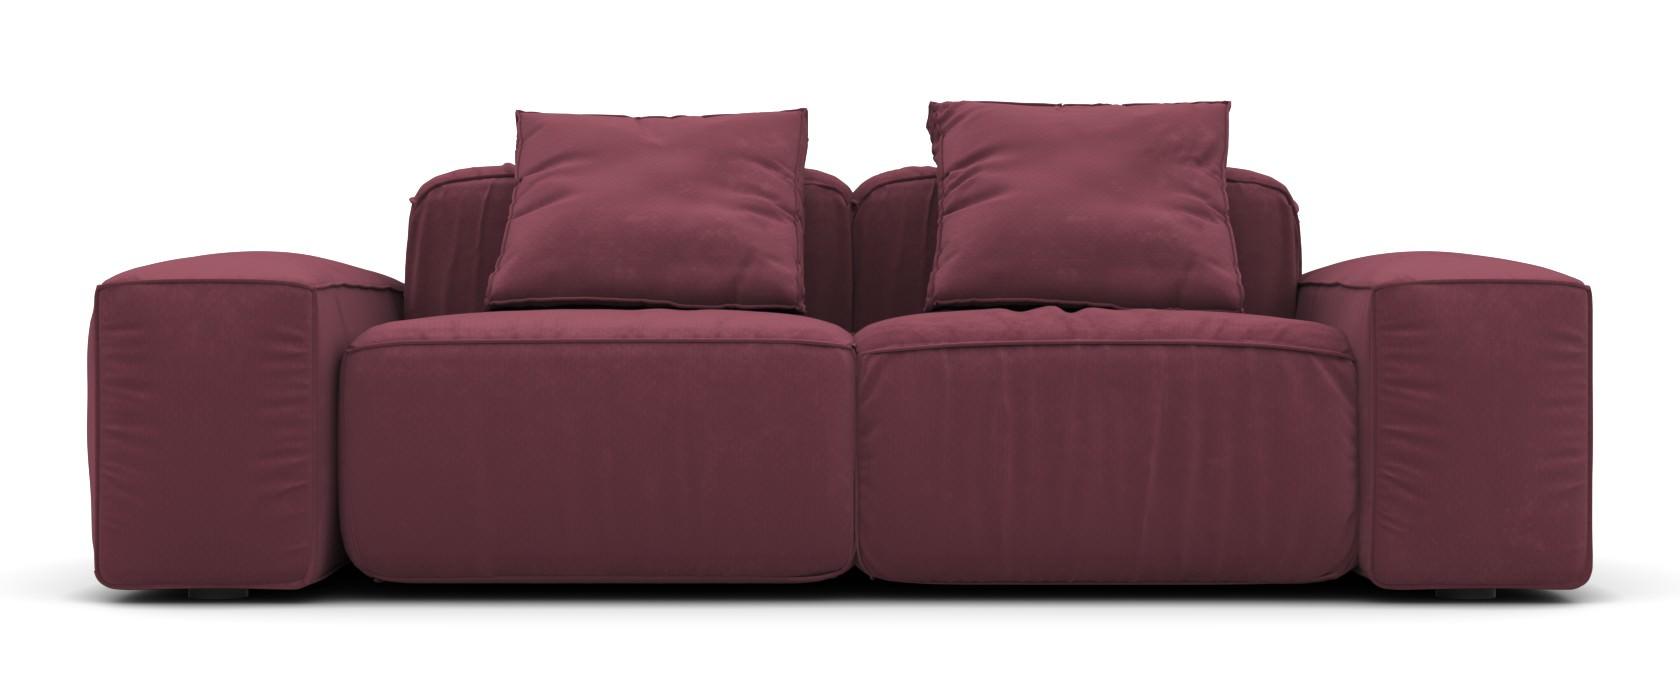 Трехместный диван Abele Classic - Pufetto